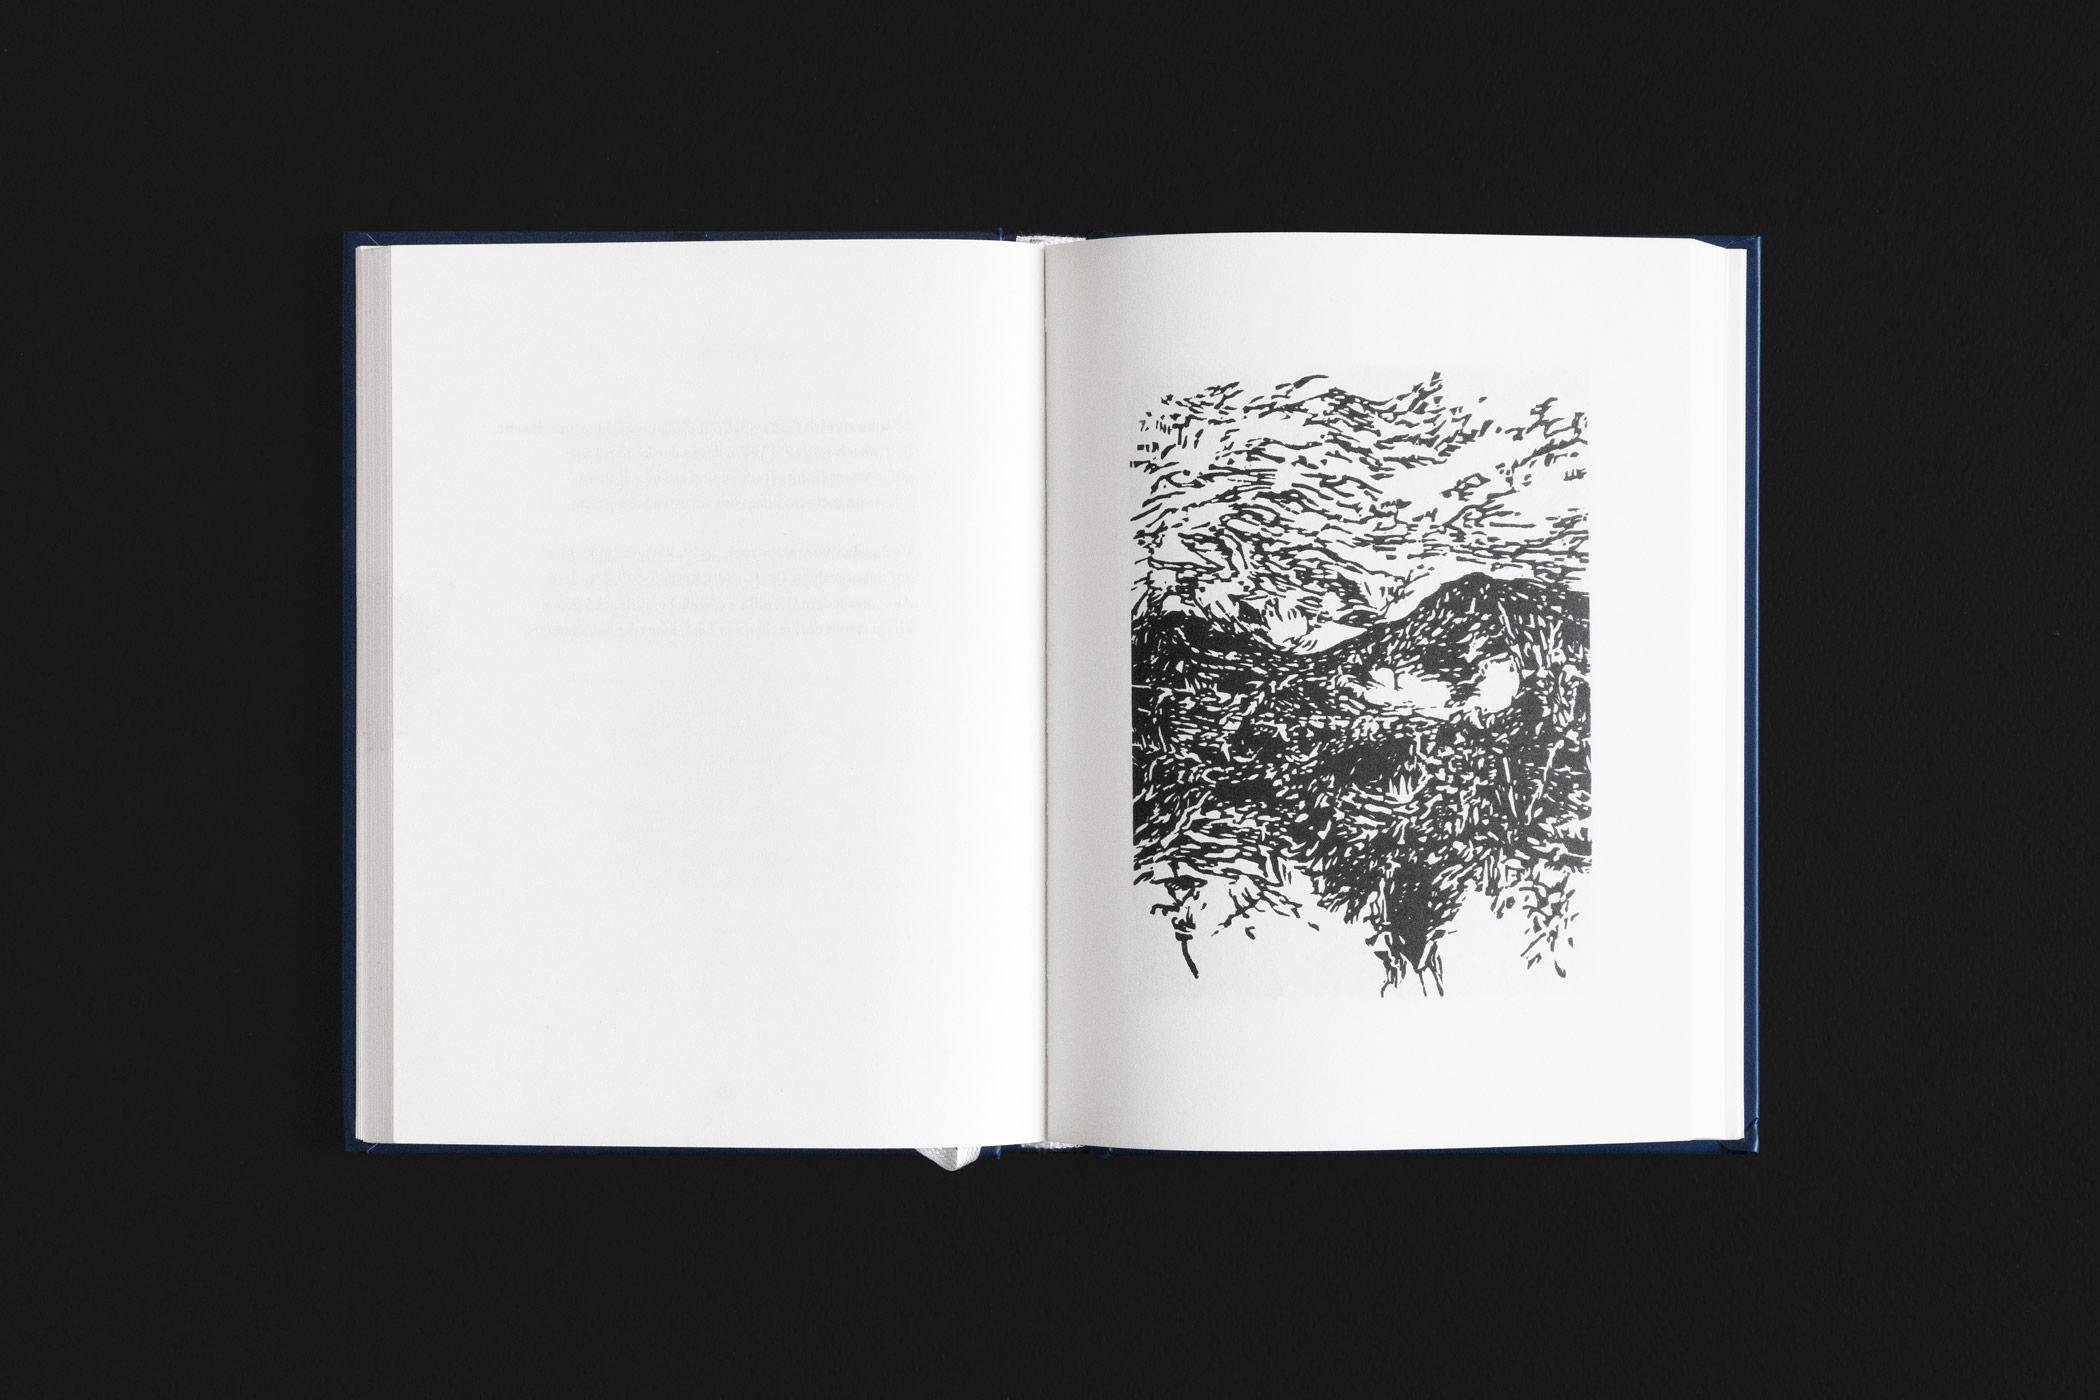 """Das Buch """"Geheimnisvolle Weiten"""" von Otokar Březina erschienen im Ketos Verlag mit einem Holzschnitt von Christian Thanhäuser"""